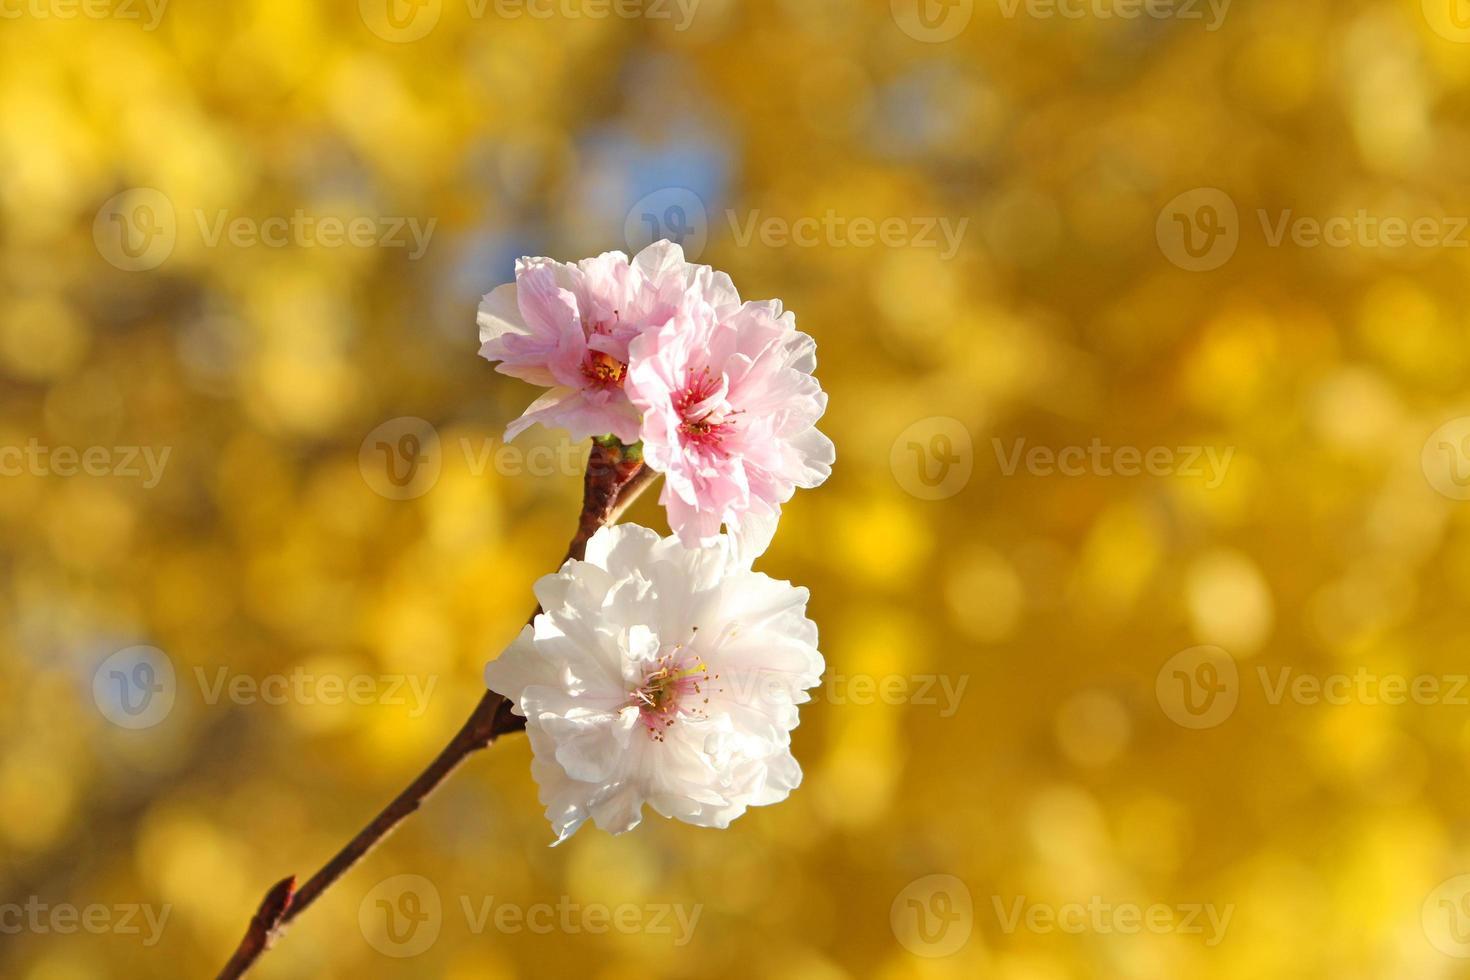 flores de cerejeira de inverno foto